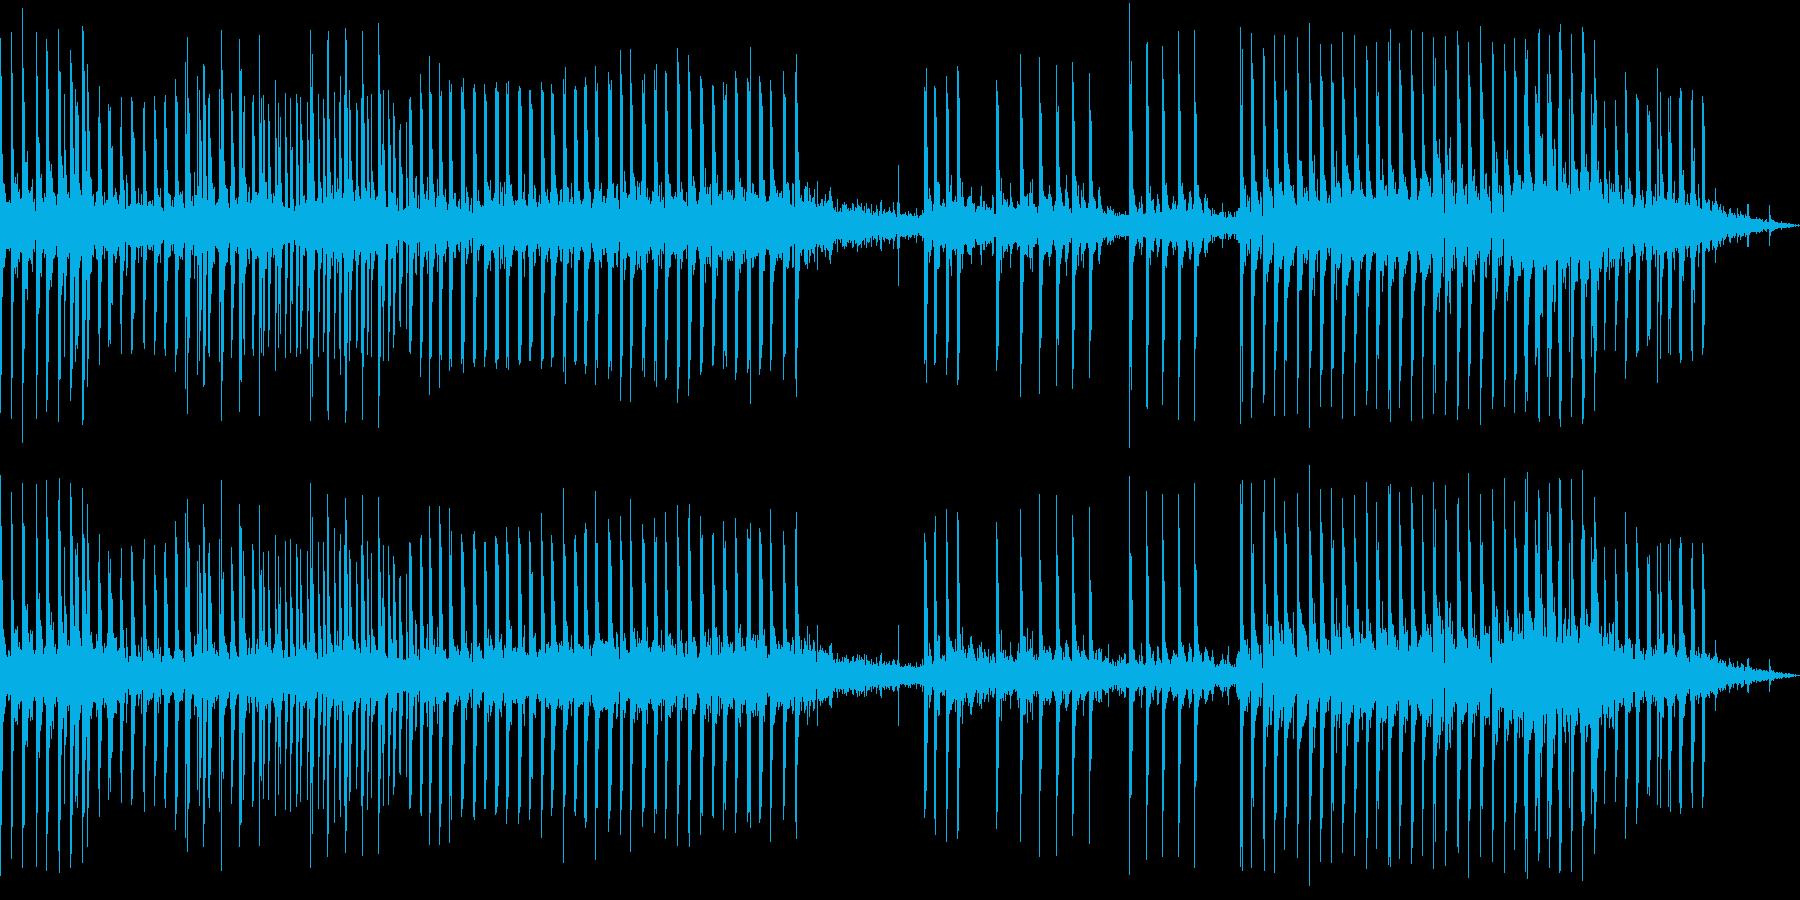 重機関銃の撃ち合い(大口径の弾薬発射)の再生済みの波形